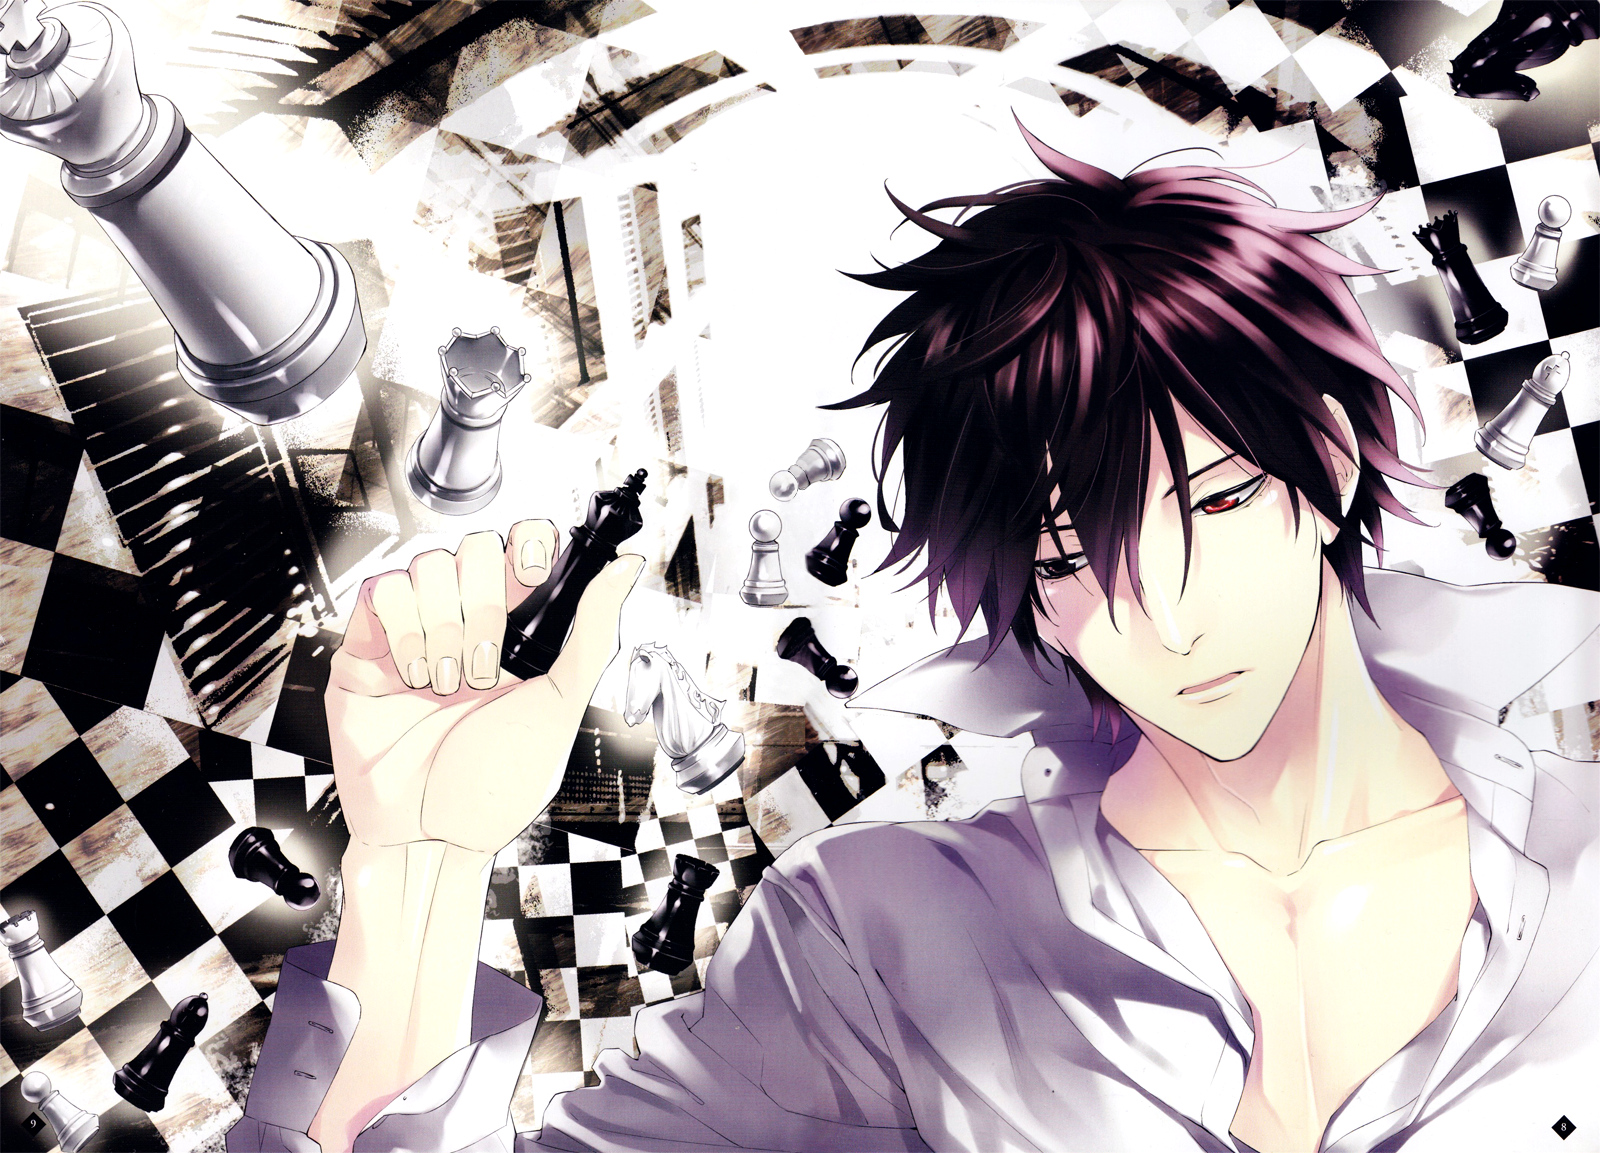 psychic-detective-yakumo-full-1133766